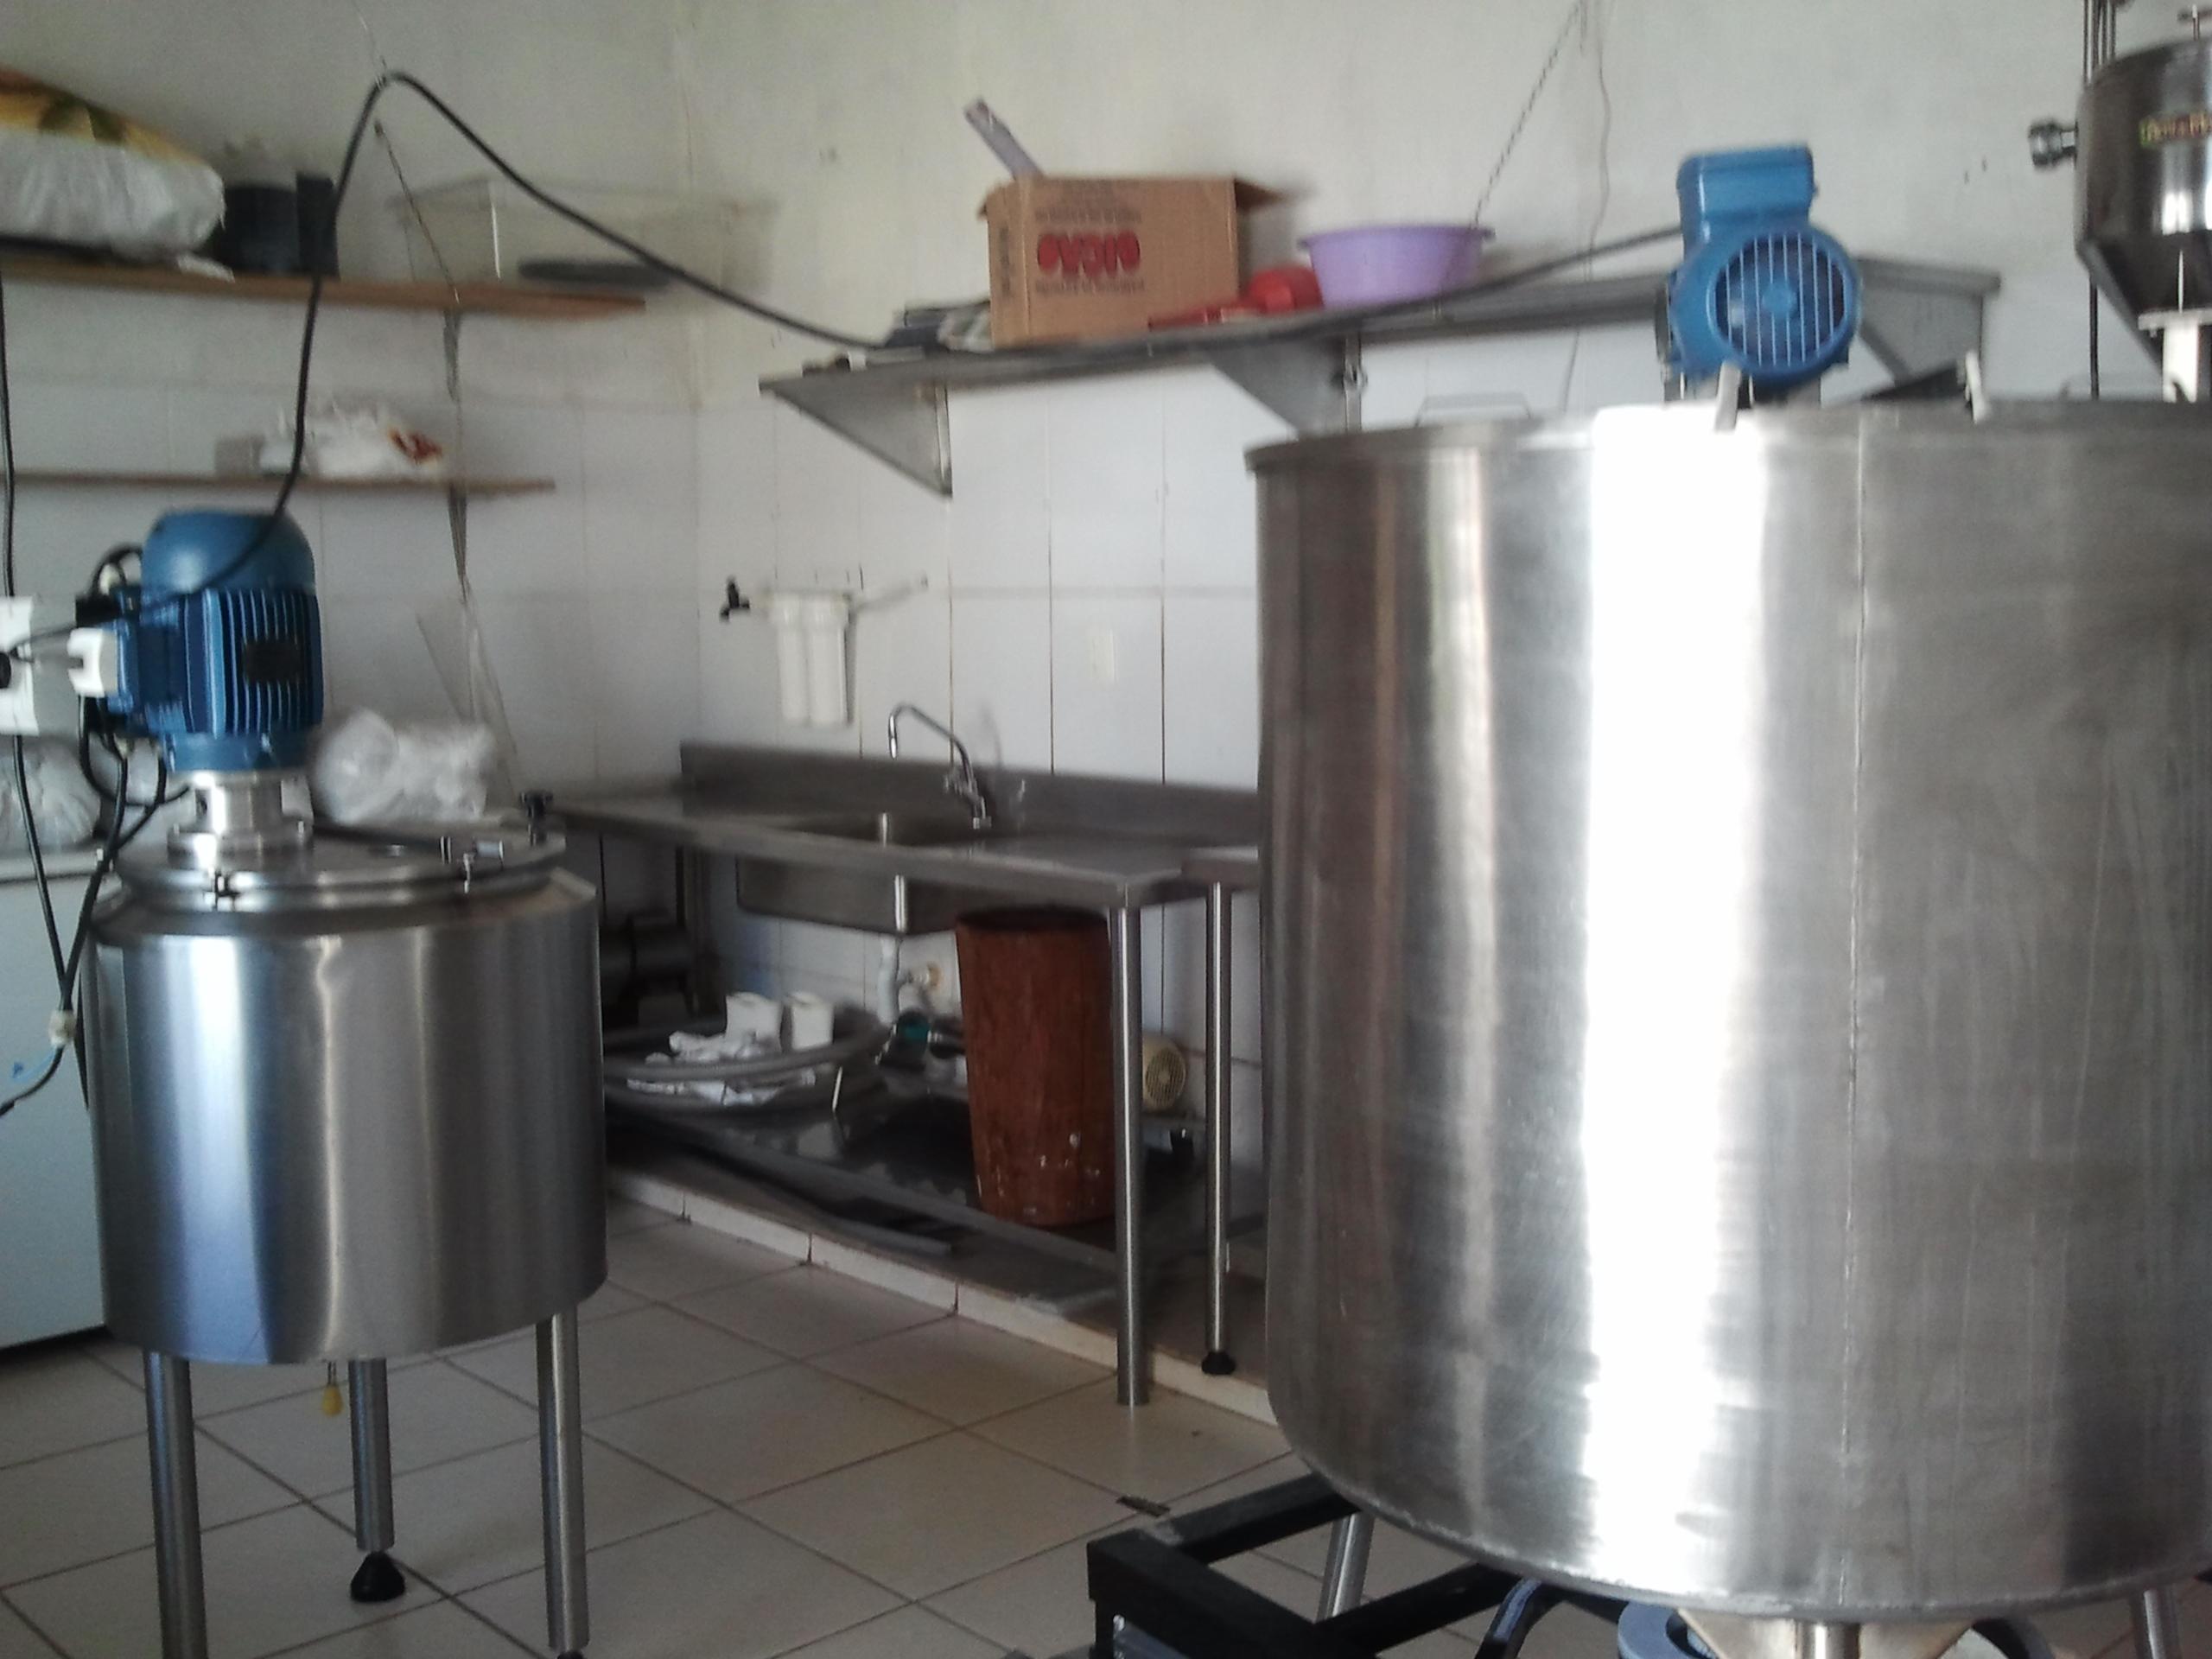 Projeto Cozinha Industrial Anvisa Cdcovibar Com Id Ias De Design